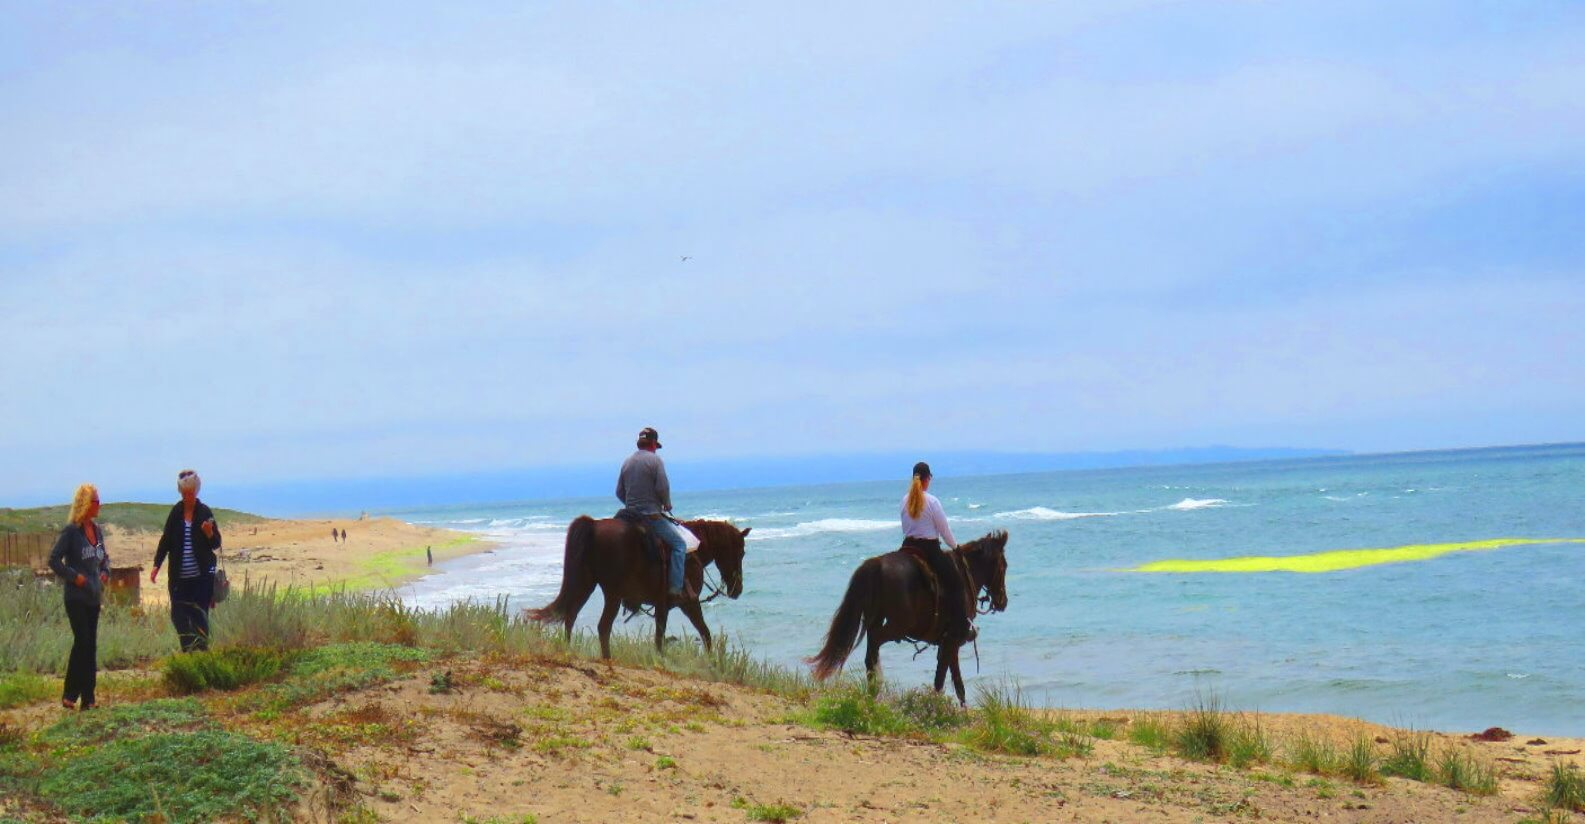 Paseos-a-caballo-por-la-playa-cerca-de-San-_Francisco